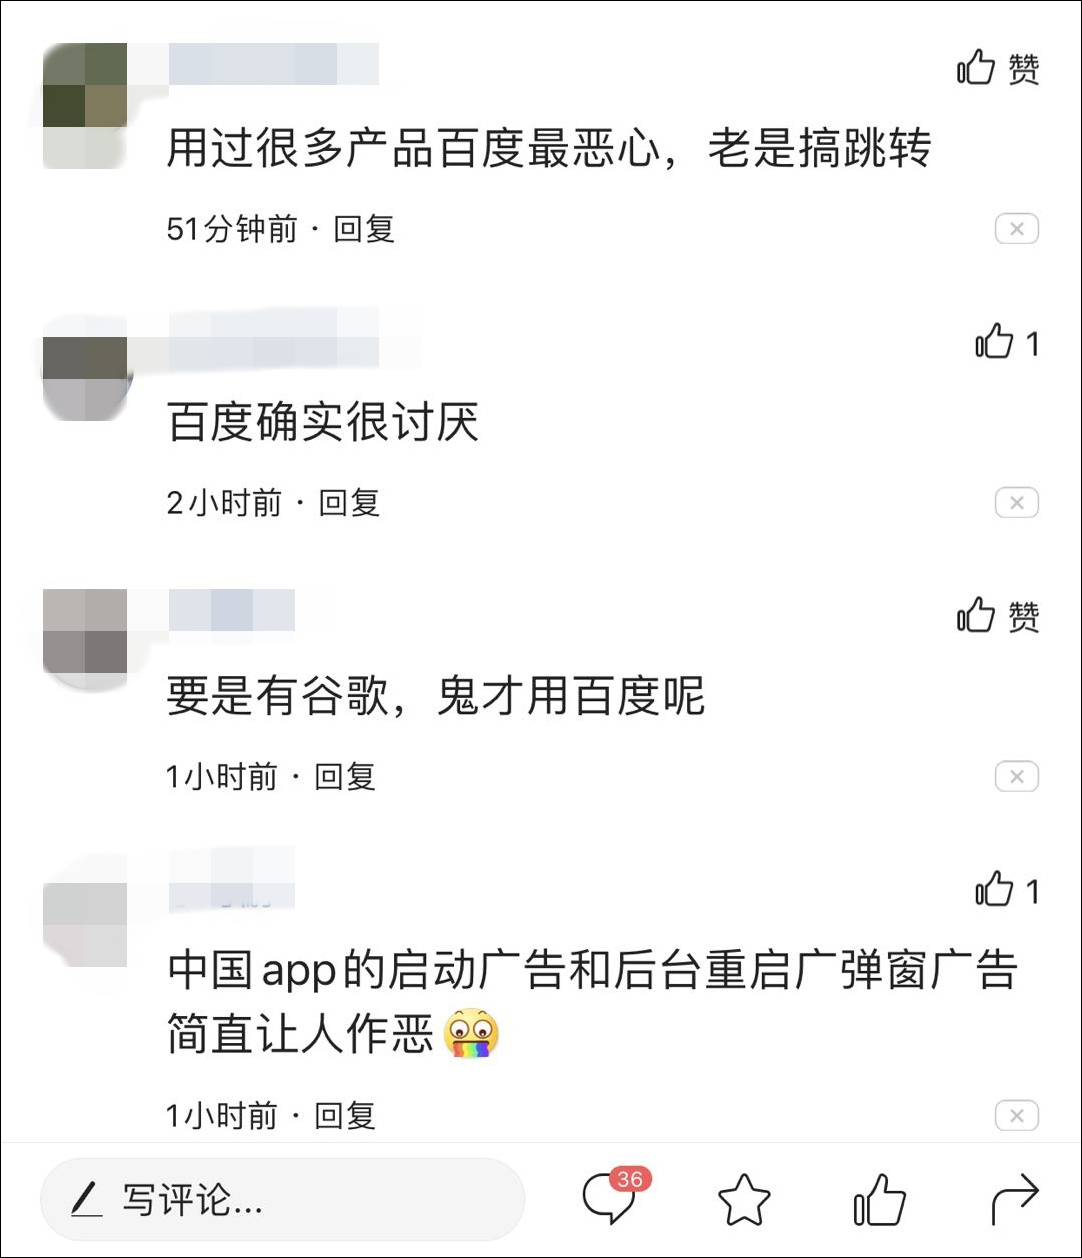 在网上买彩票安全吗,美团王兴:我把百度APP删了,恼人